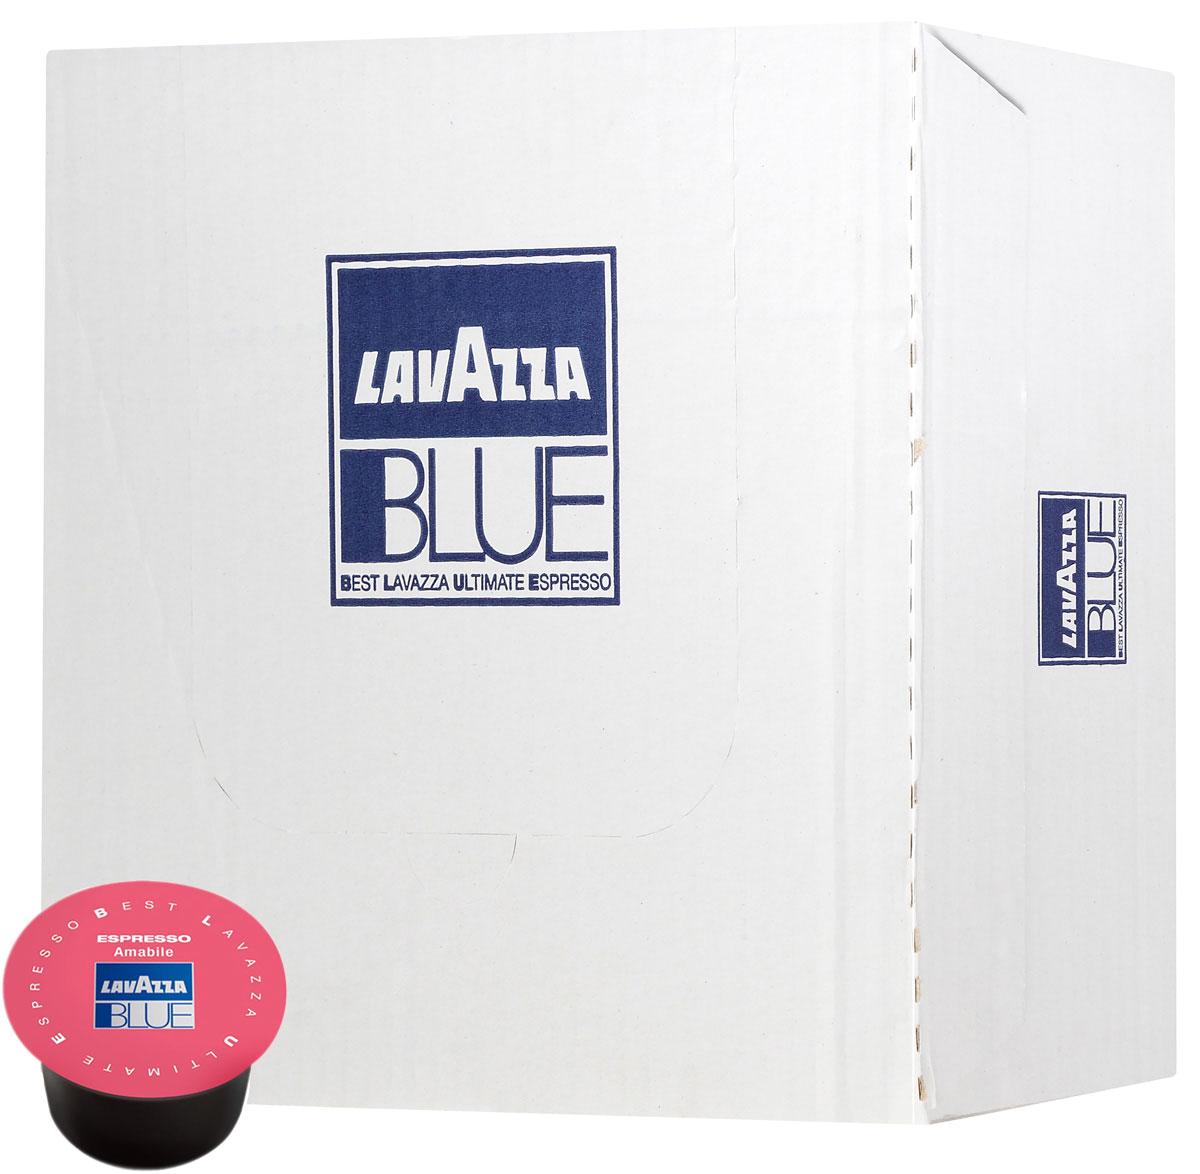 Lavazza Espresso Amabile кофе в капсулах, 100 шт8000070109803Lavazza Espresso Amabile - это смесь Арабики из Бразилии и Центральной Америки и Робусты из Юго-Восточной Азии. Напиток отличается мягким шоколадным вкусом и тонким ароматом, а также бархатистой устойчивой пенкой (крема). Специальный процесс купажа и крупный помол образуют ровный и кремообразный стандартный или лунго-эспрессо со сбалансированным послевкусием.